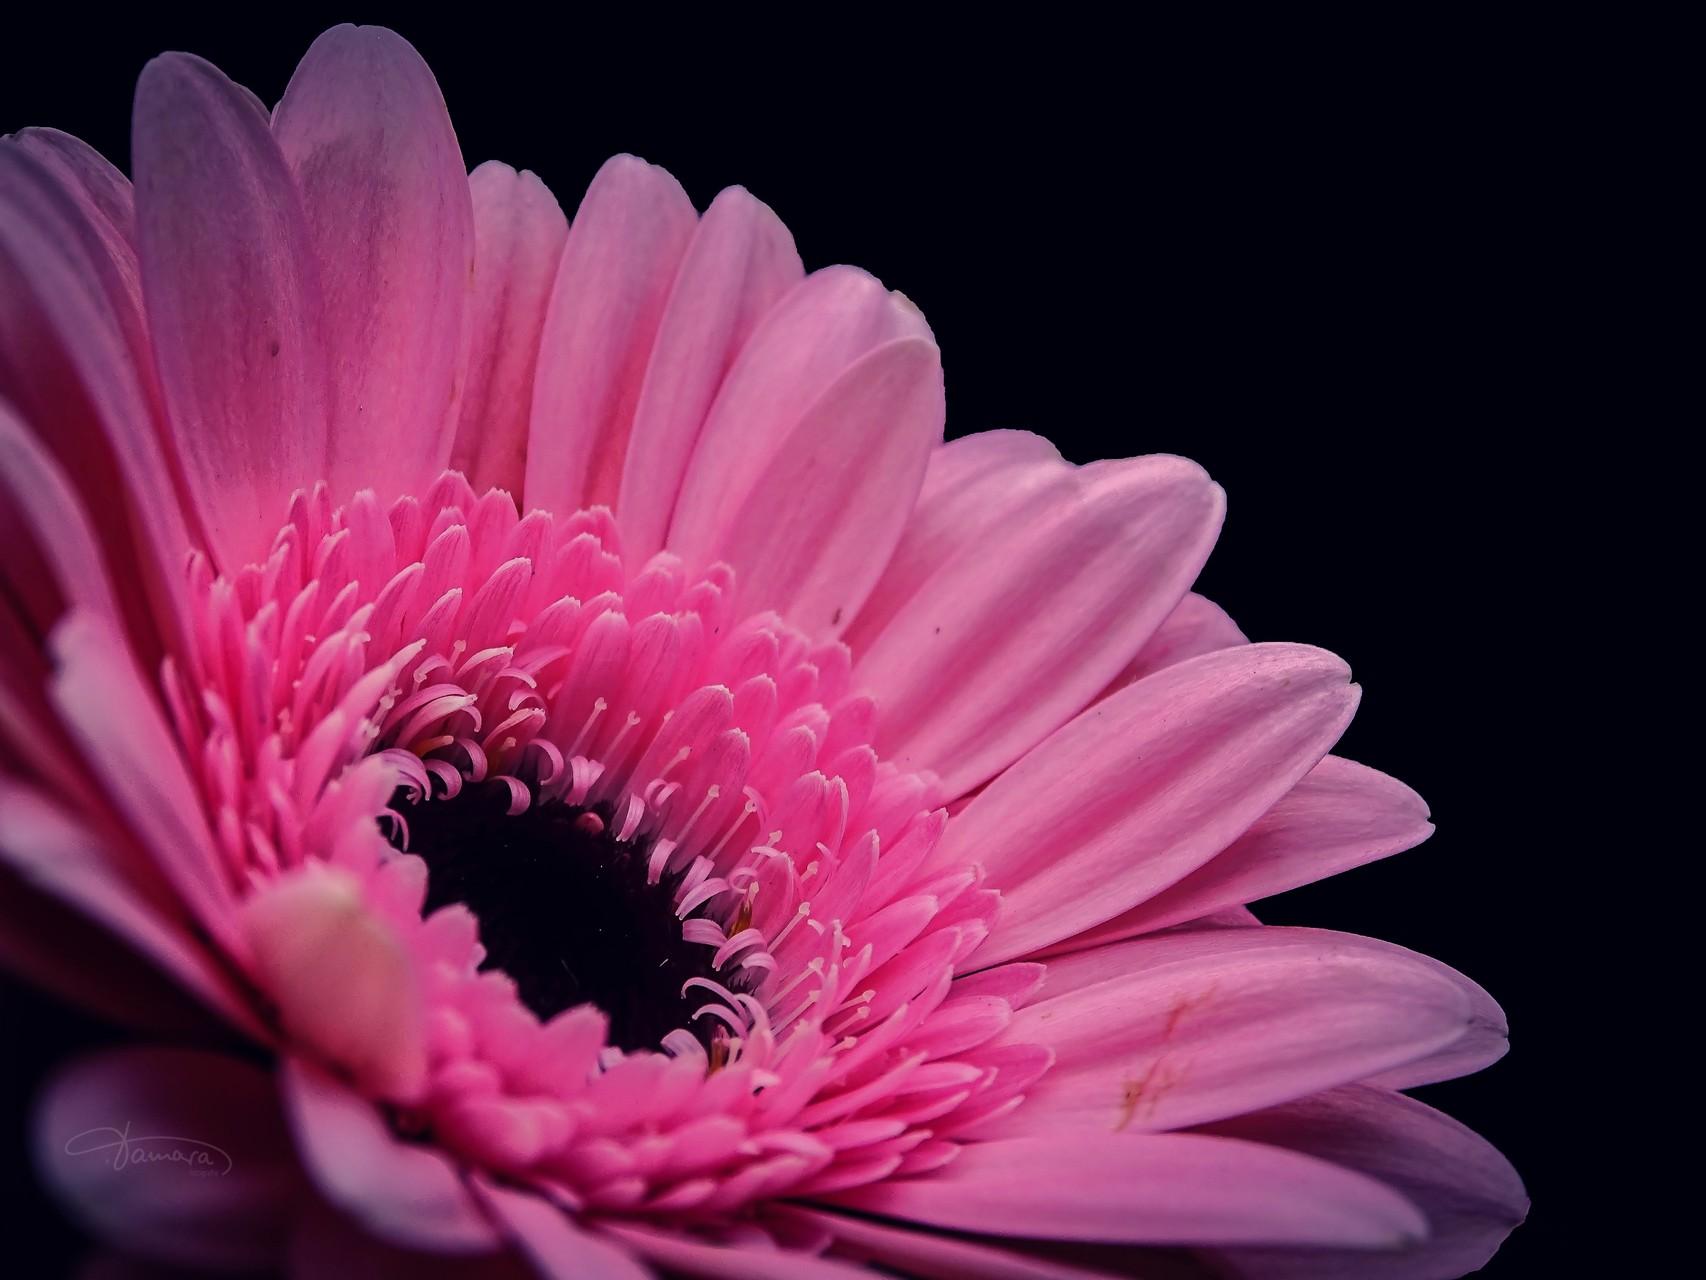 Frühling ist Leben der Liebe und Liebe Frühling des Lebens